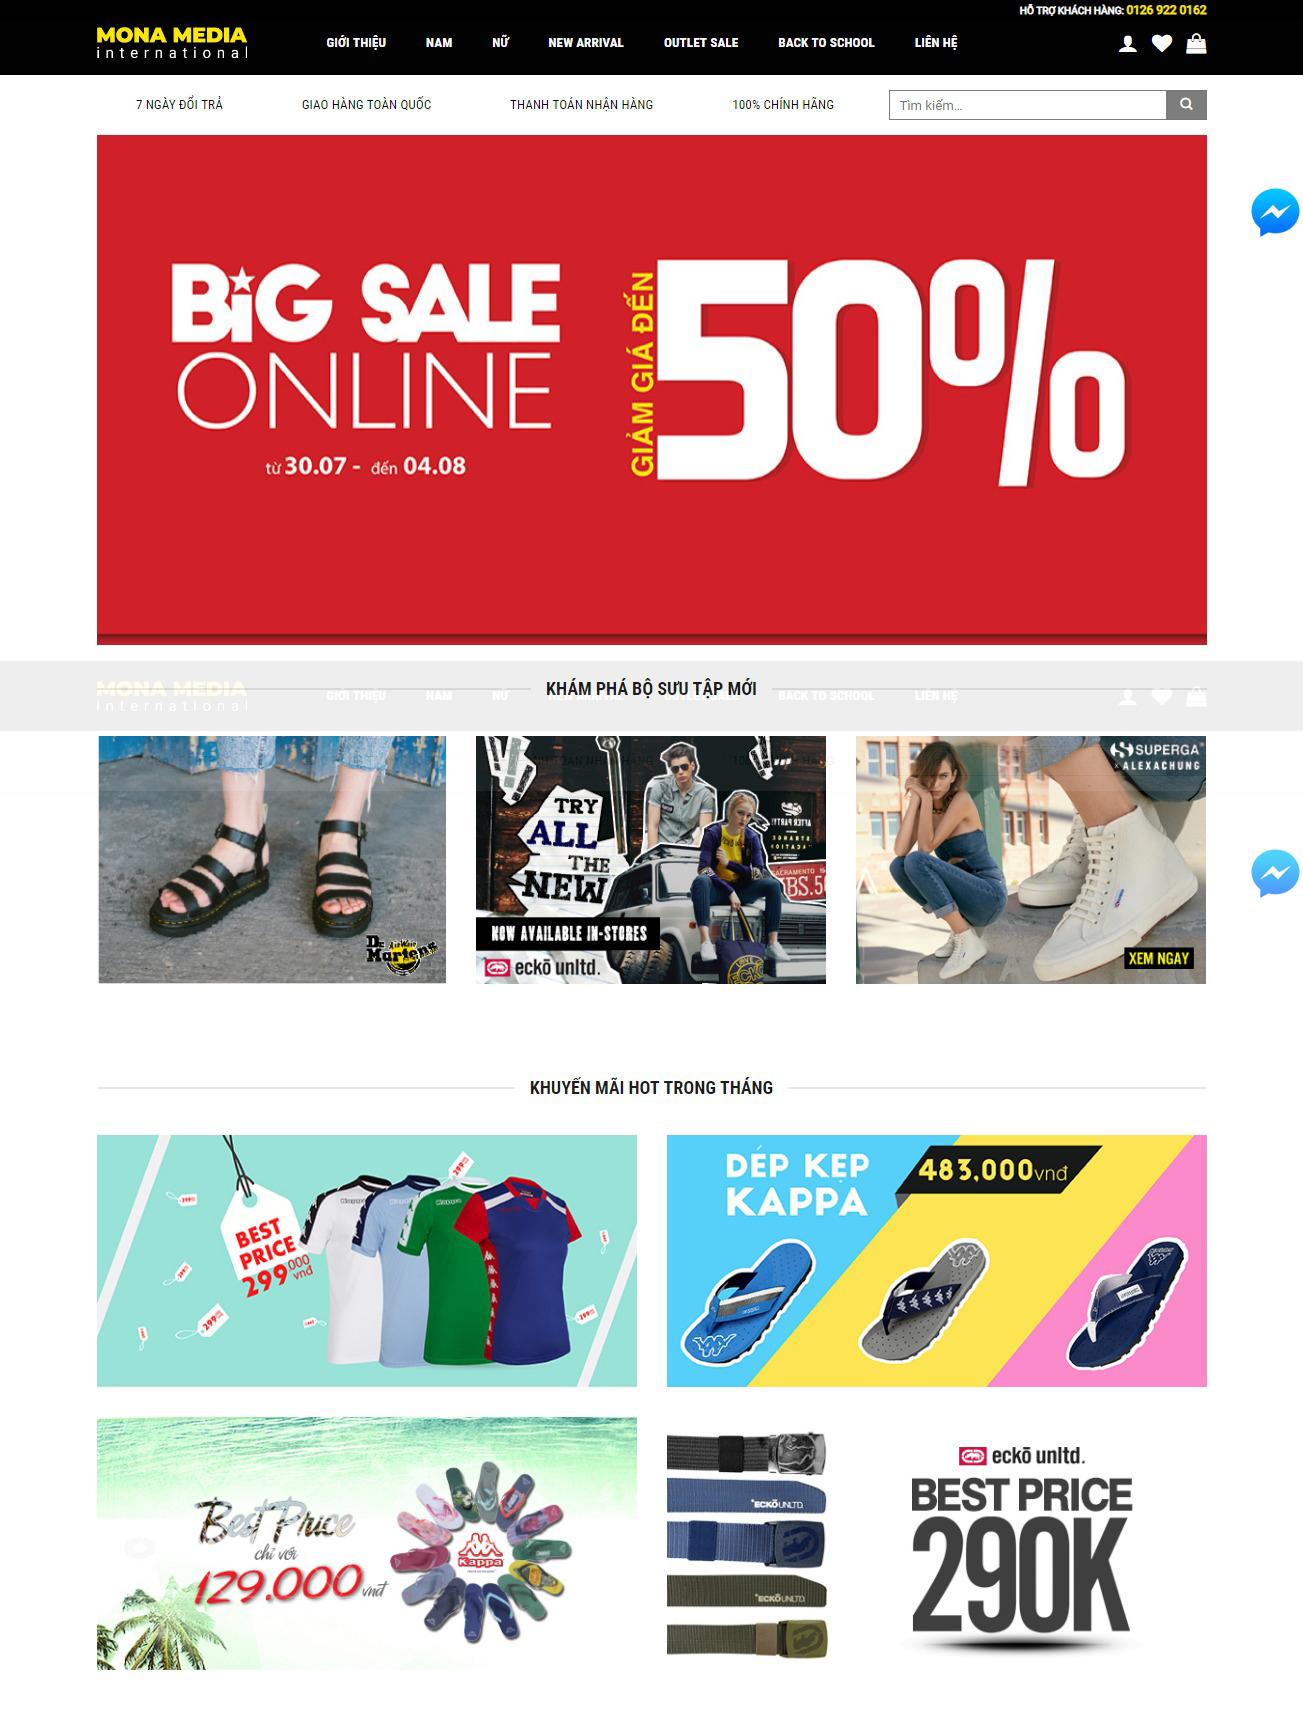 Mẫu thiết kế website bán hàng thời trang tại Mona